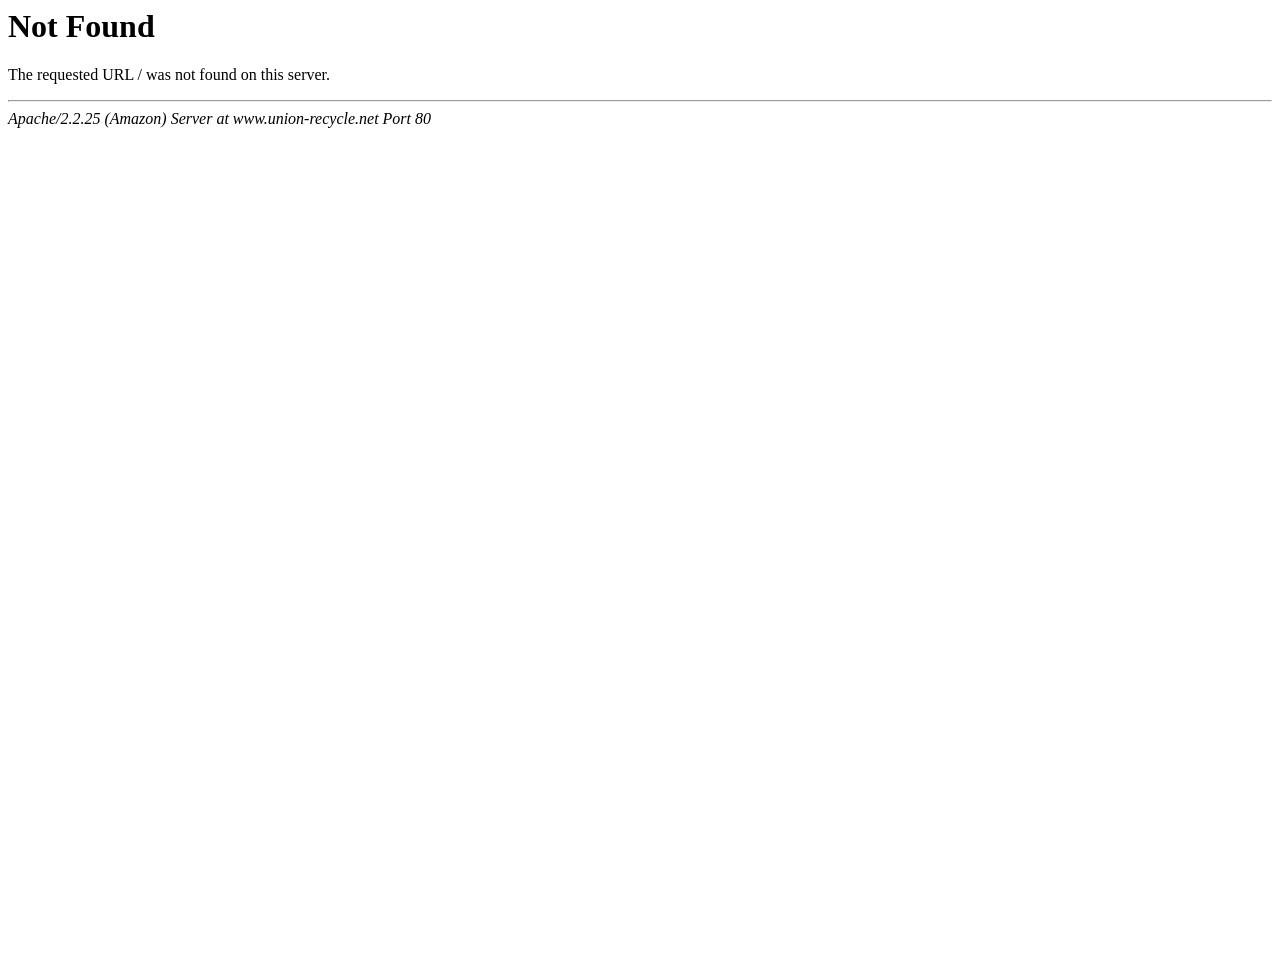 産業廃棄物・不用品回収・廃タイヤ回収や遺品整理は東大阪の(有)神農物流へ